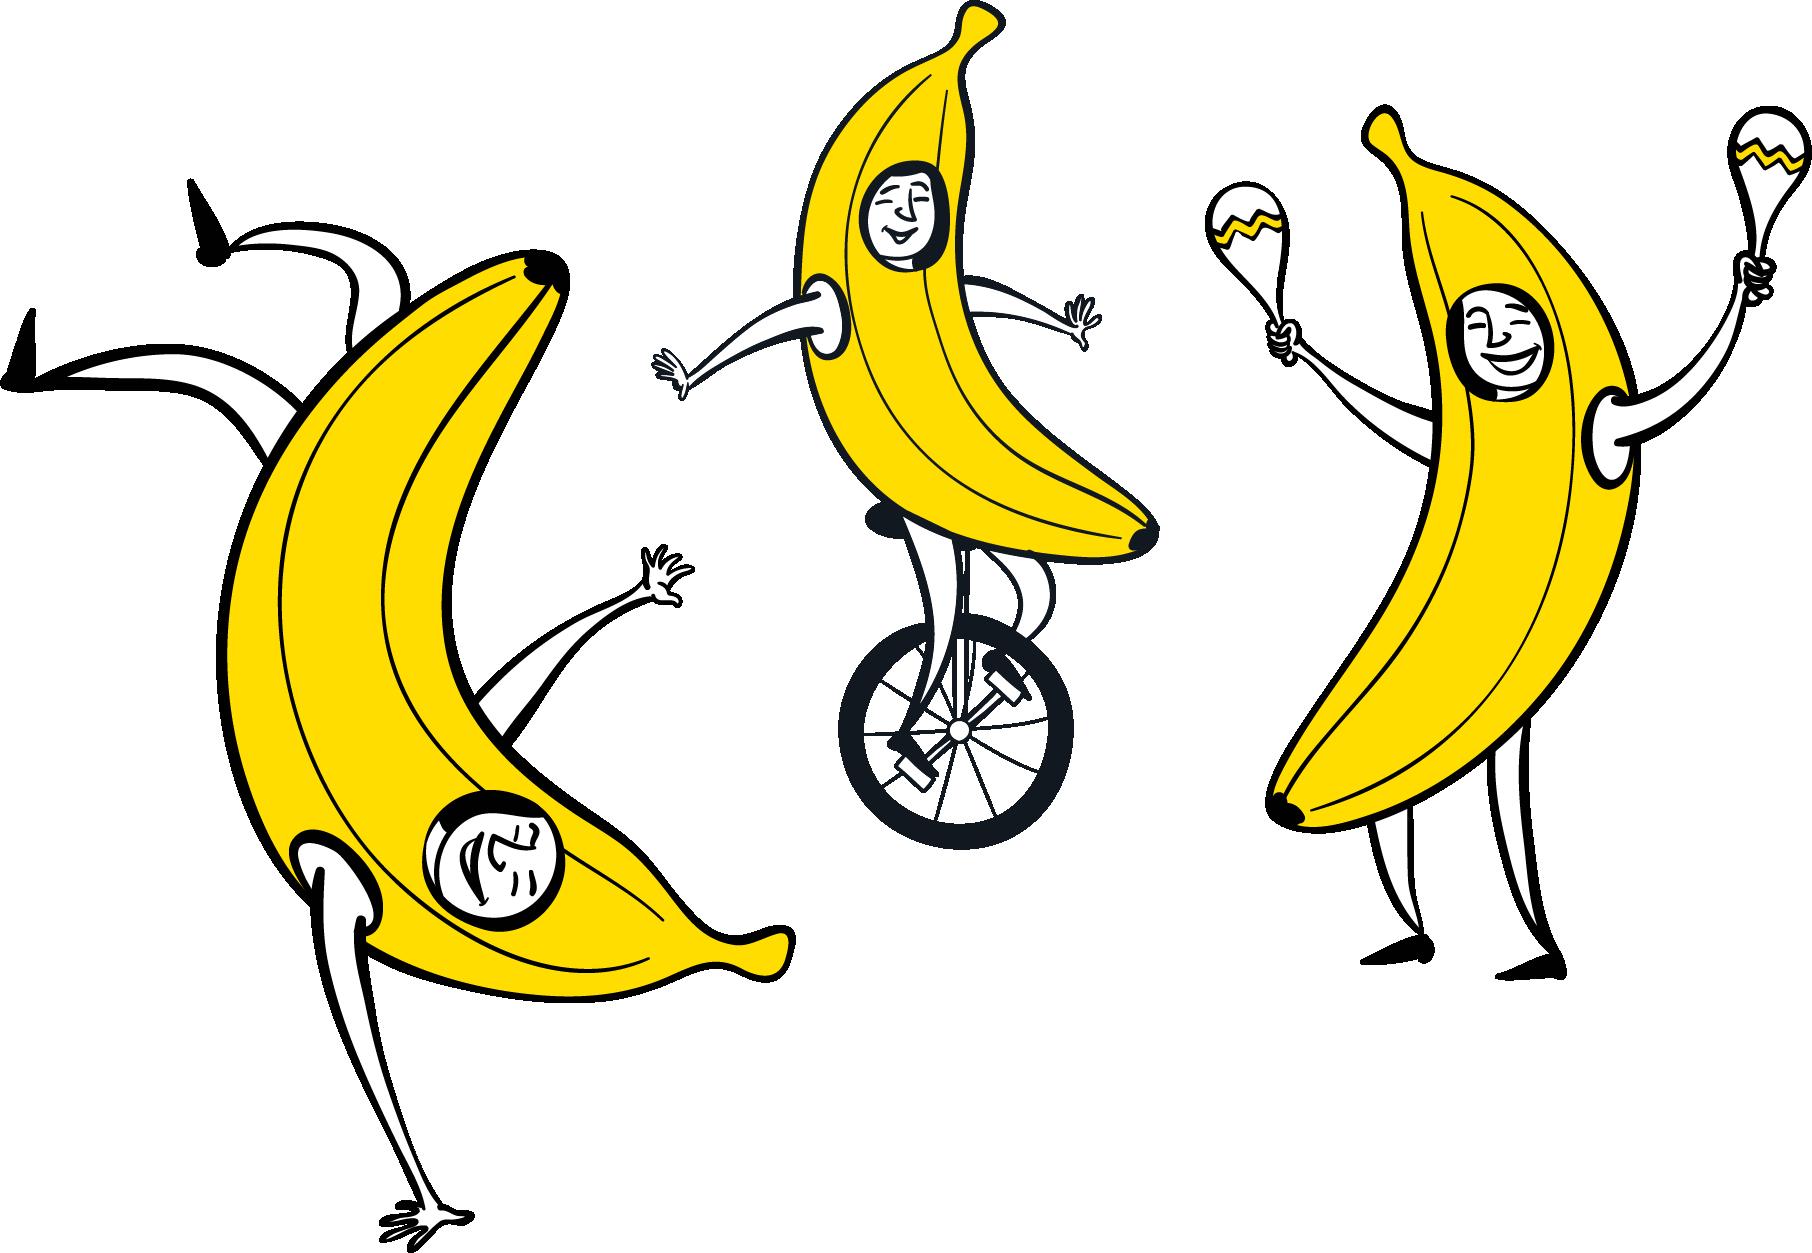 dancing banana group-100 1-1.png